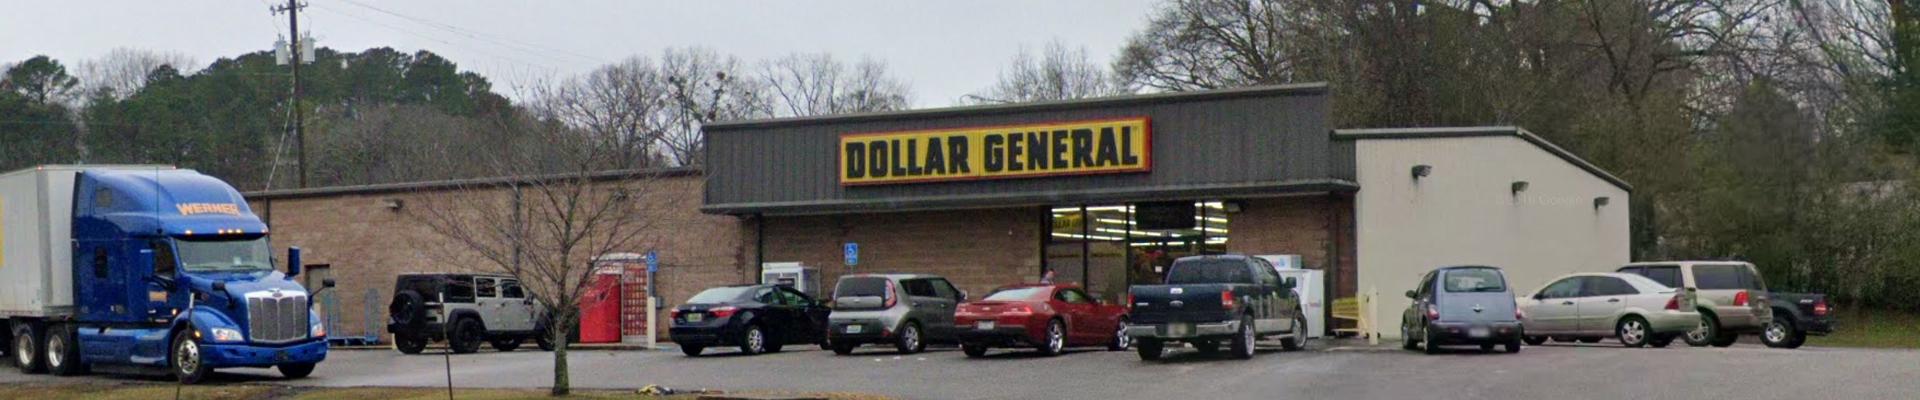 Dollar General Leeds Alabama